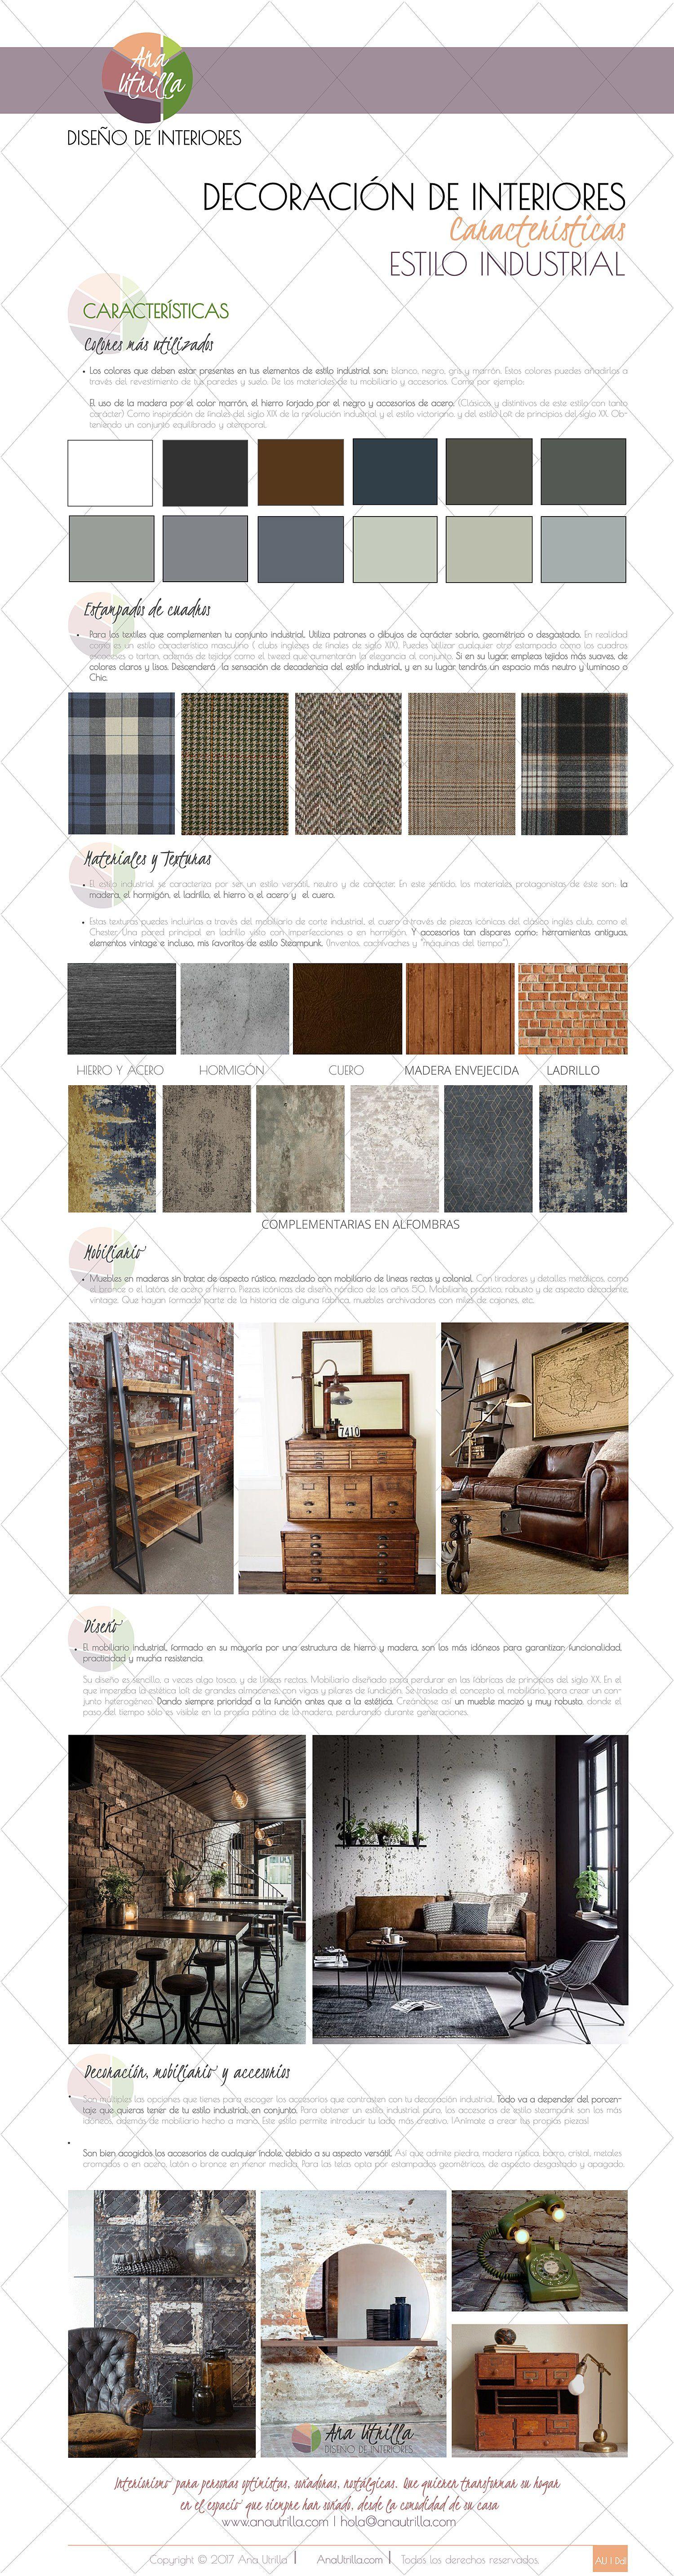 Infografía características del estilo industrial en decoración de interiores